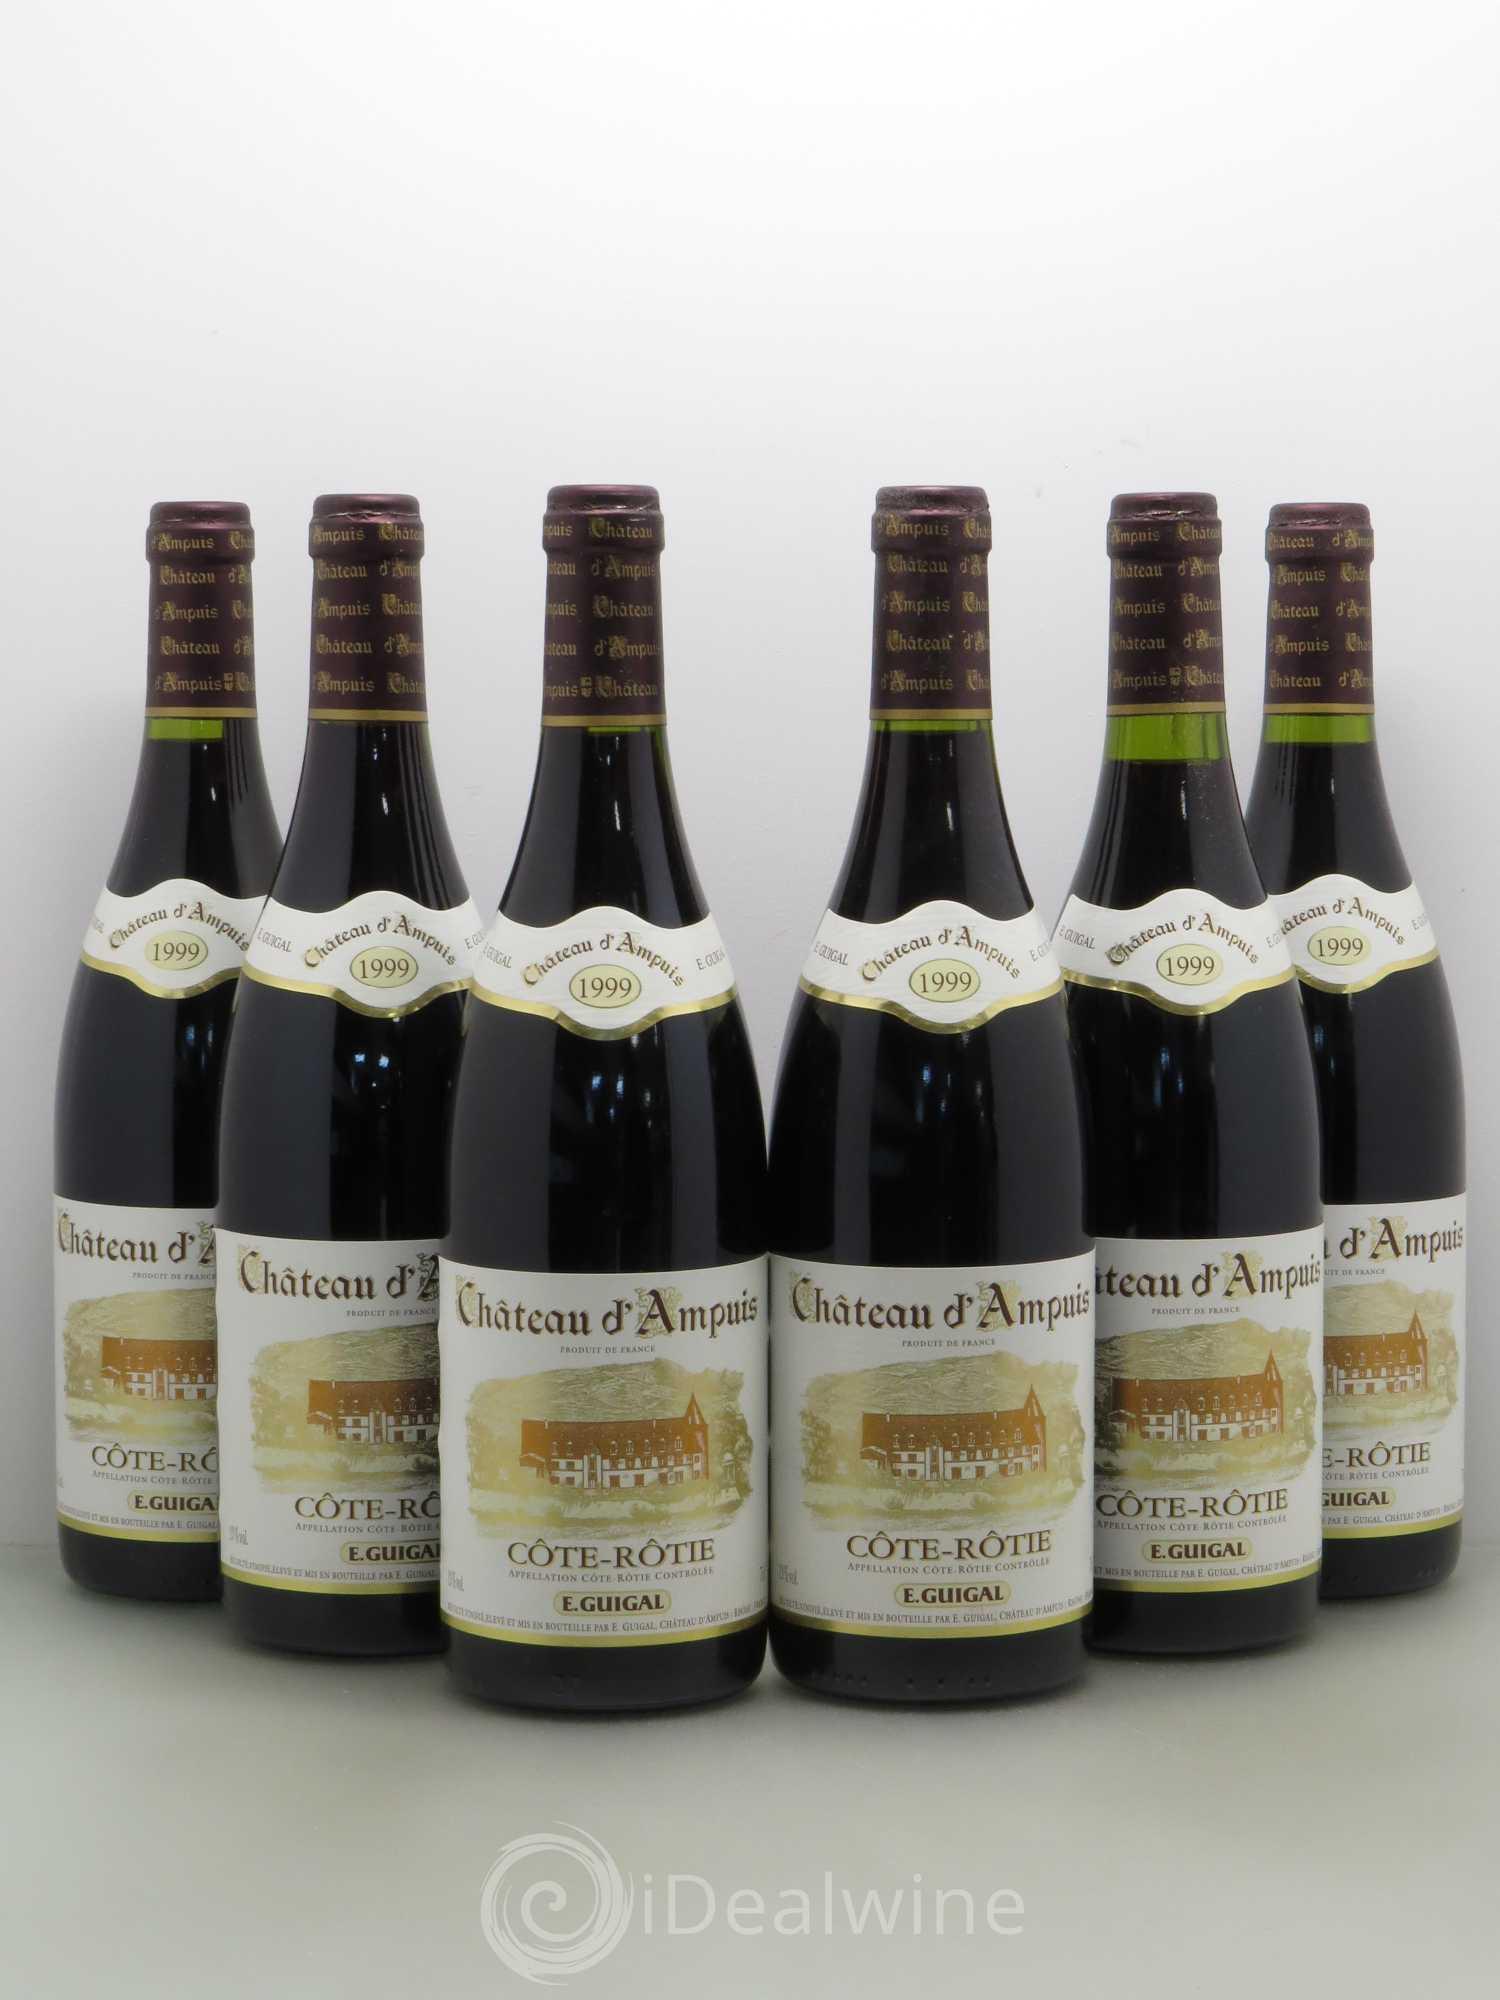 Acheter c te r tie ch teau d 39 ampuis guigal 1999 lot 8233 - Salon des vins ampuis ...